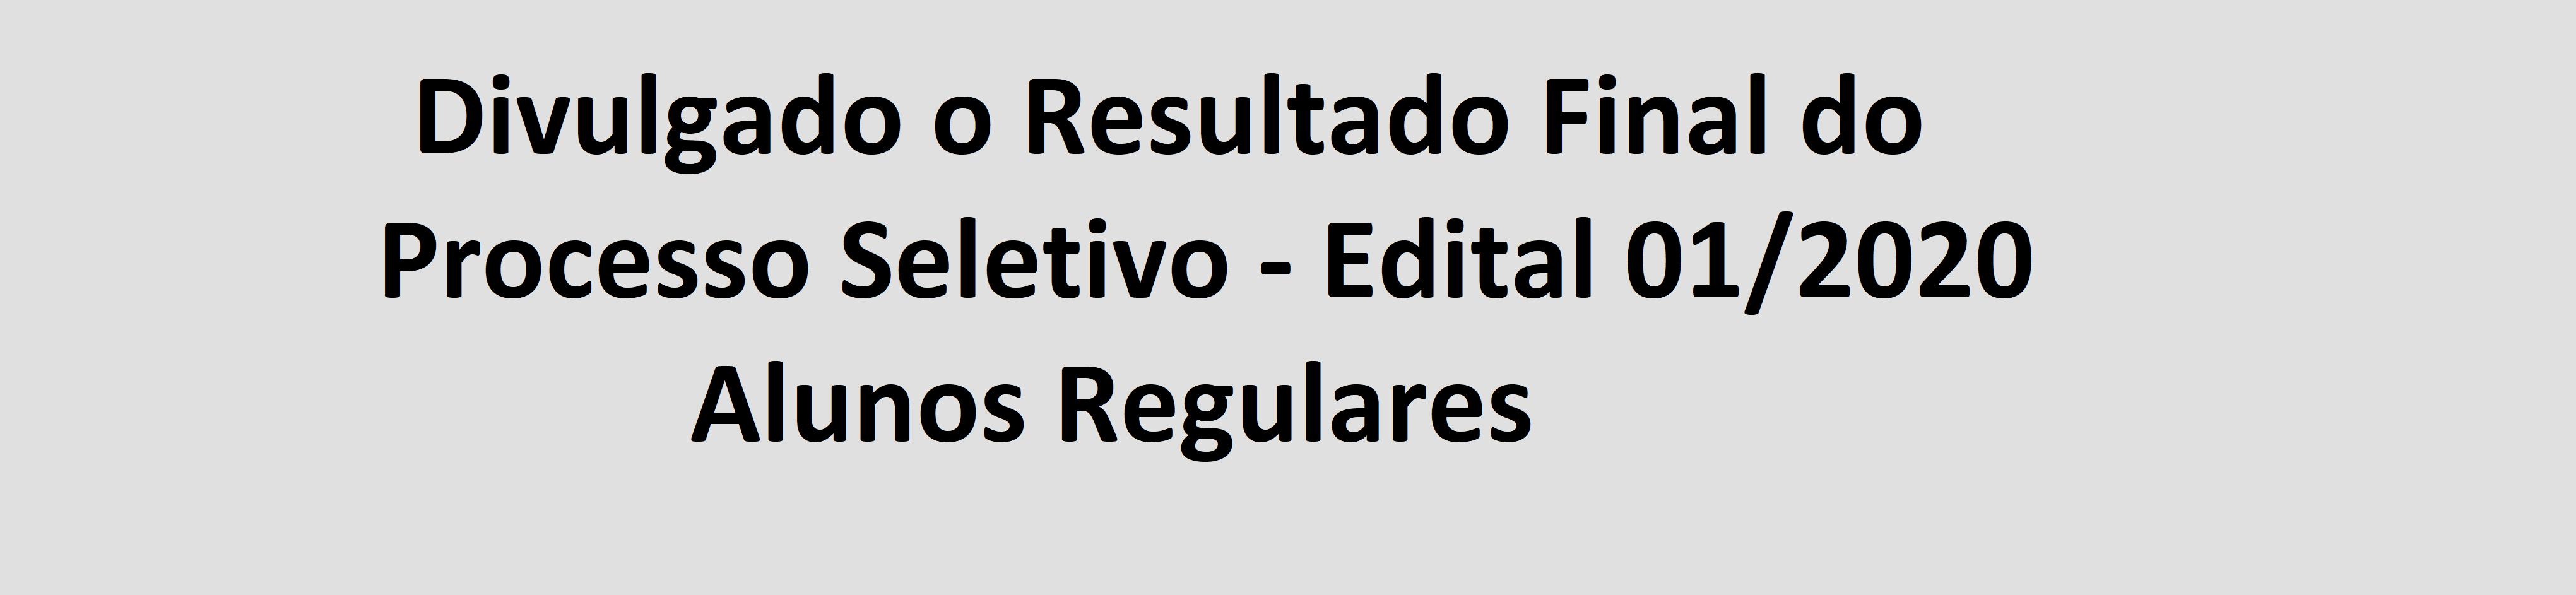 Banner_Alunos_Regulares_2020-1 - Resultado Final